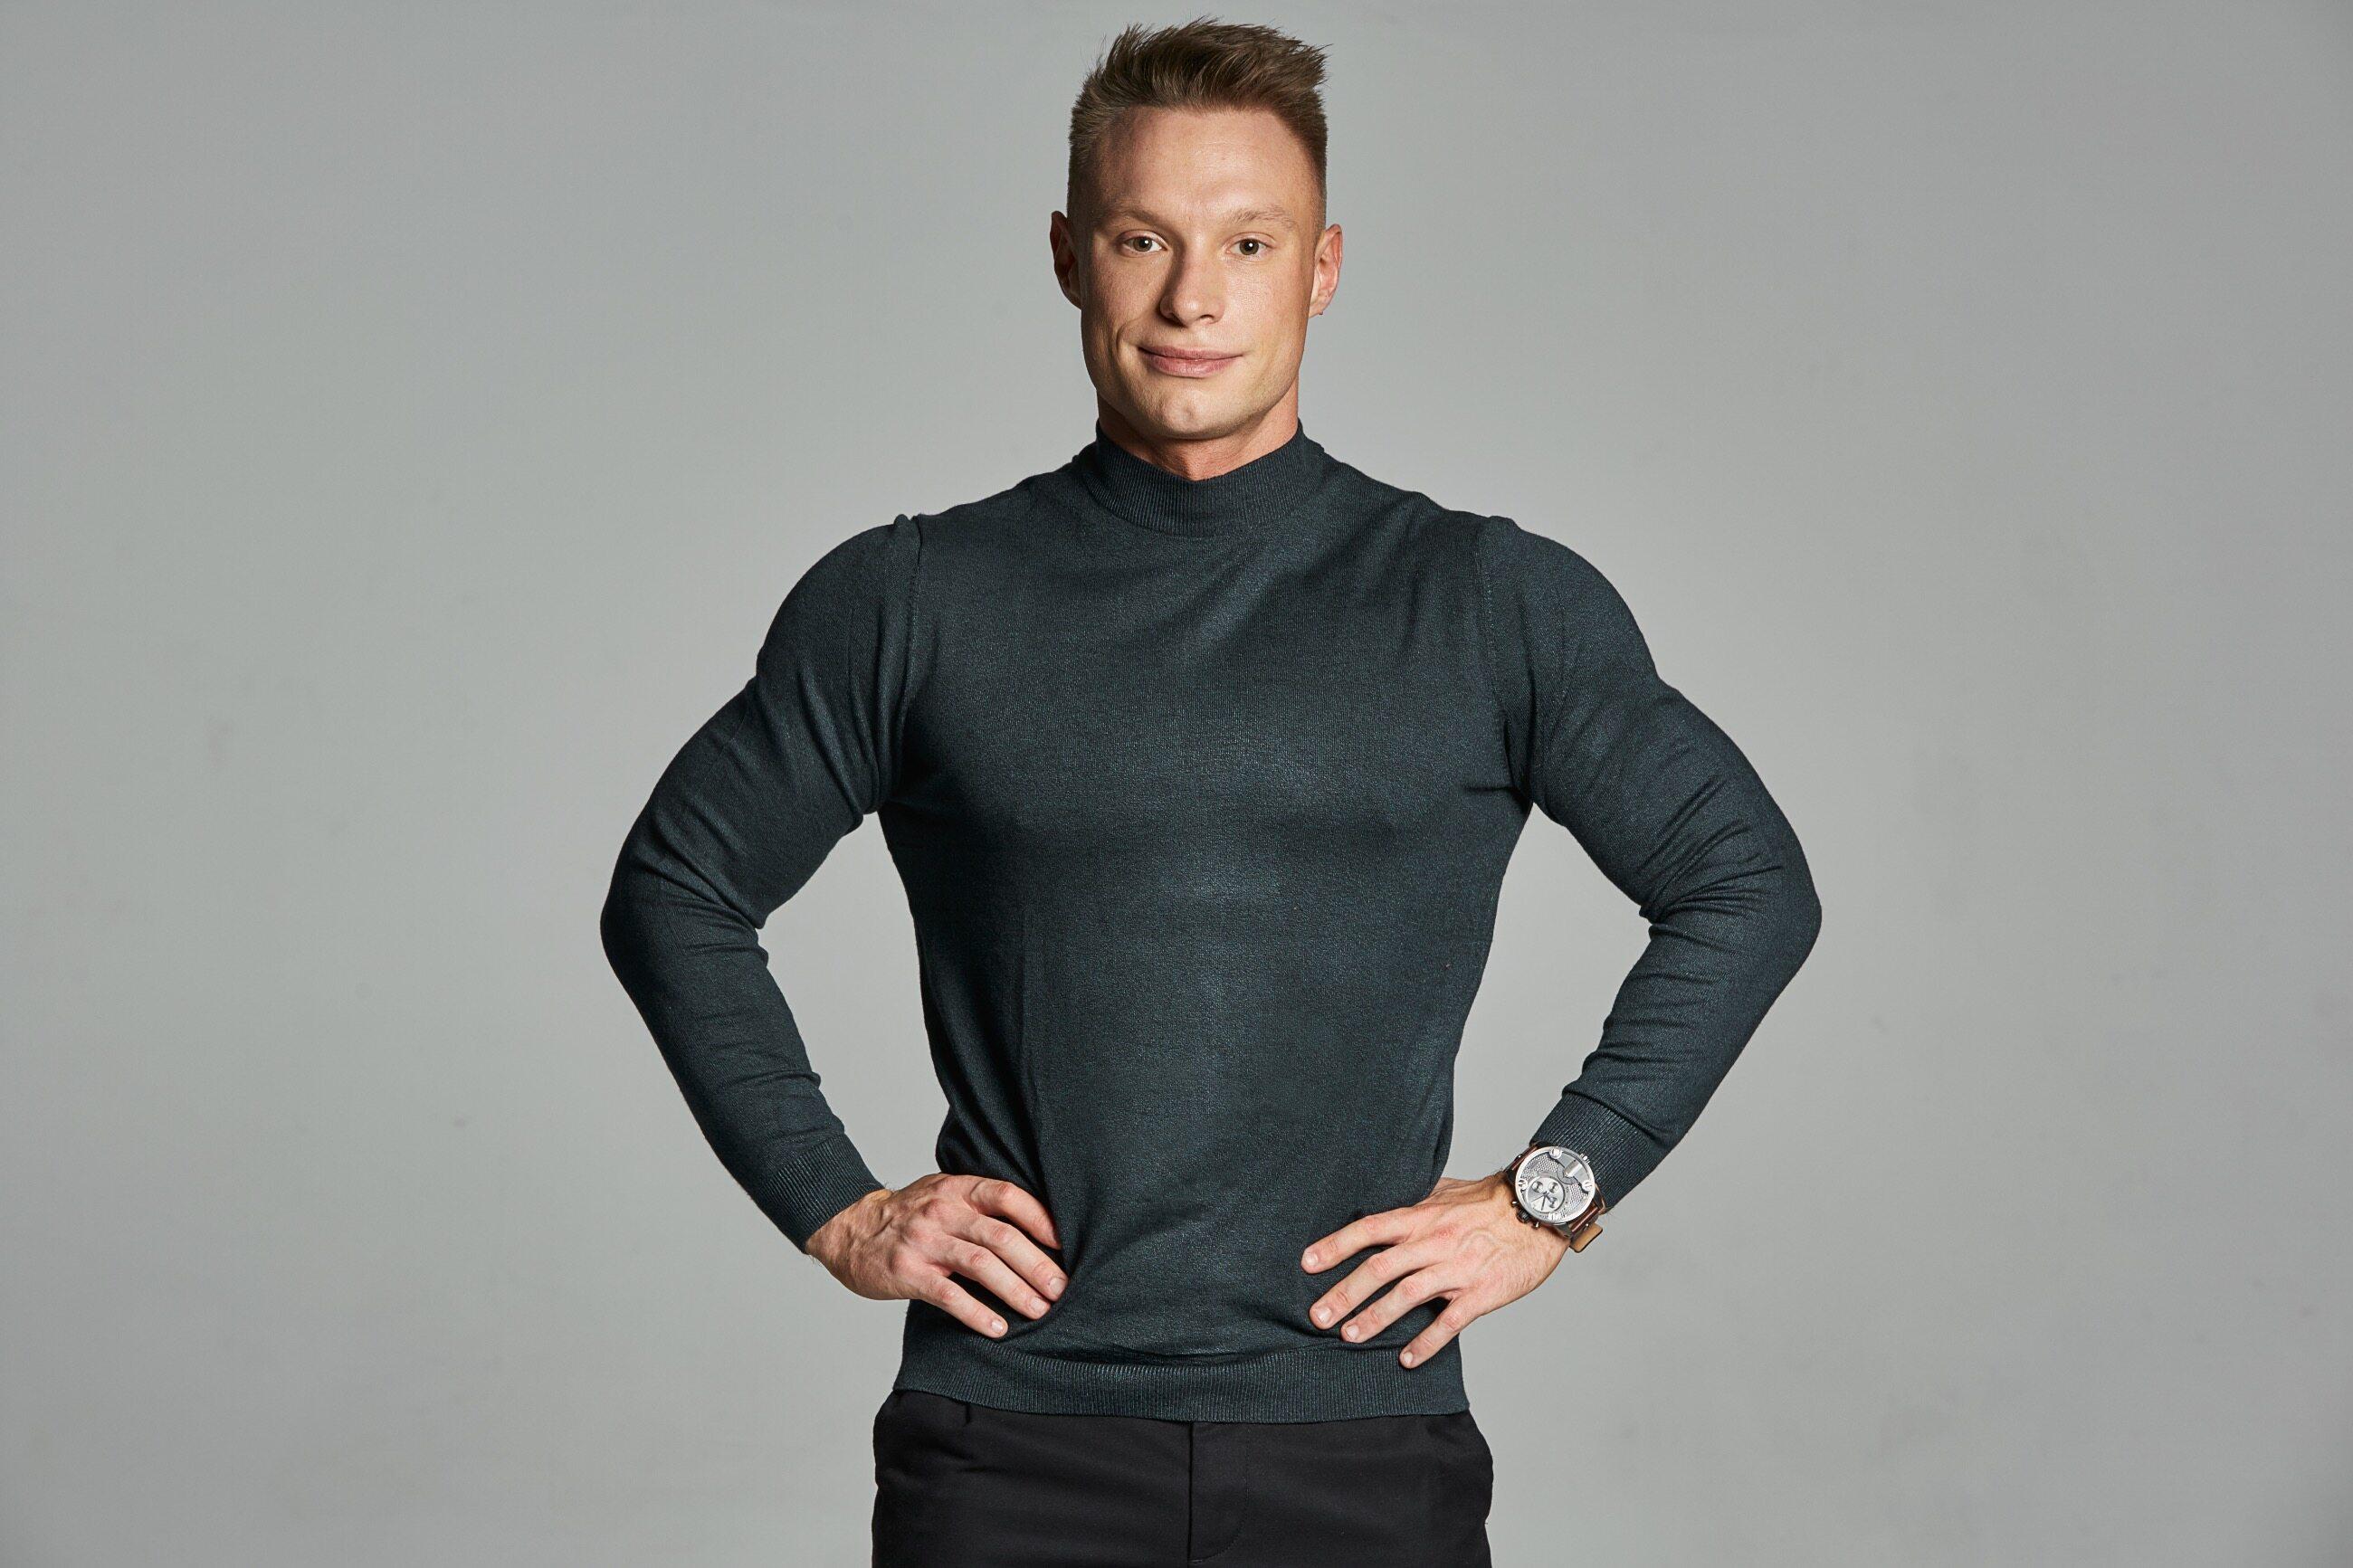 Michał Wrzosek – trener osobisty i dietetyk kliniczny